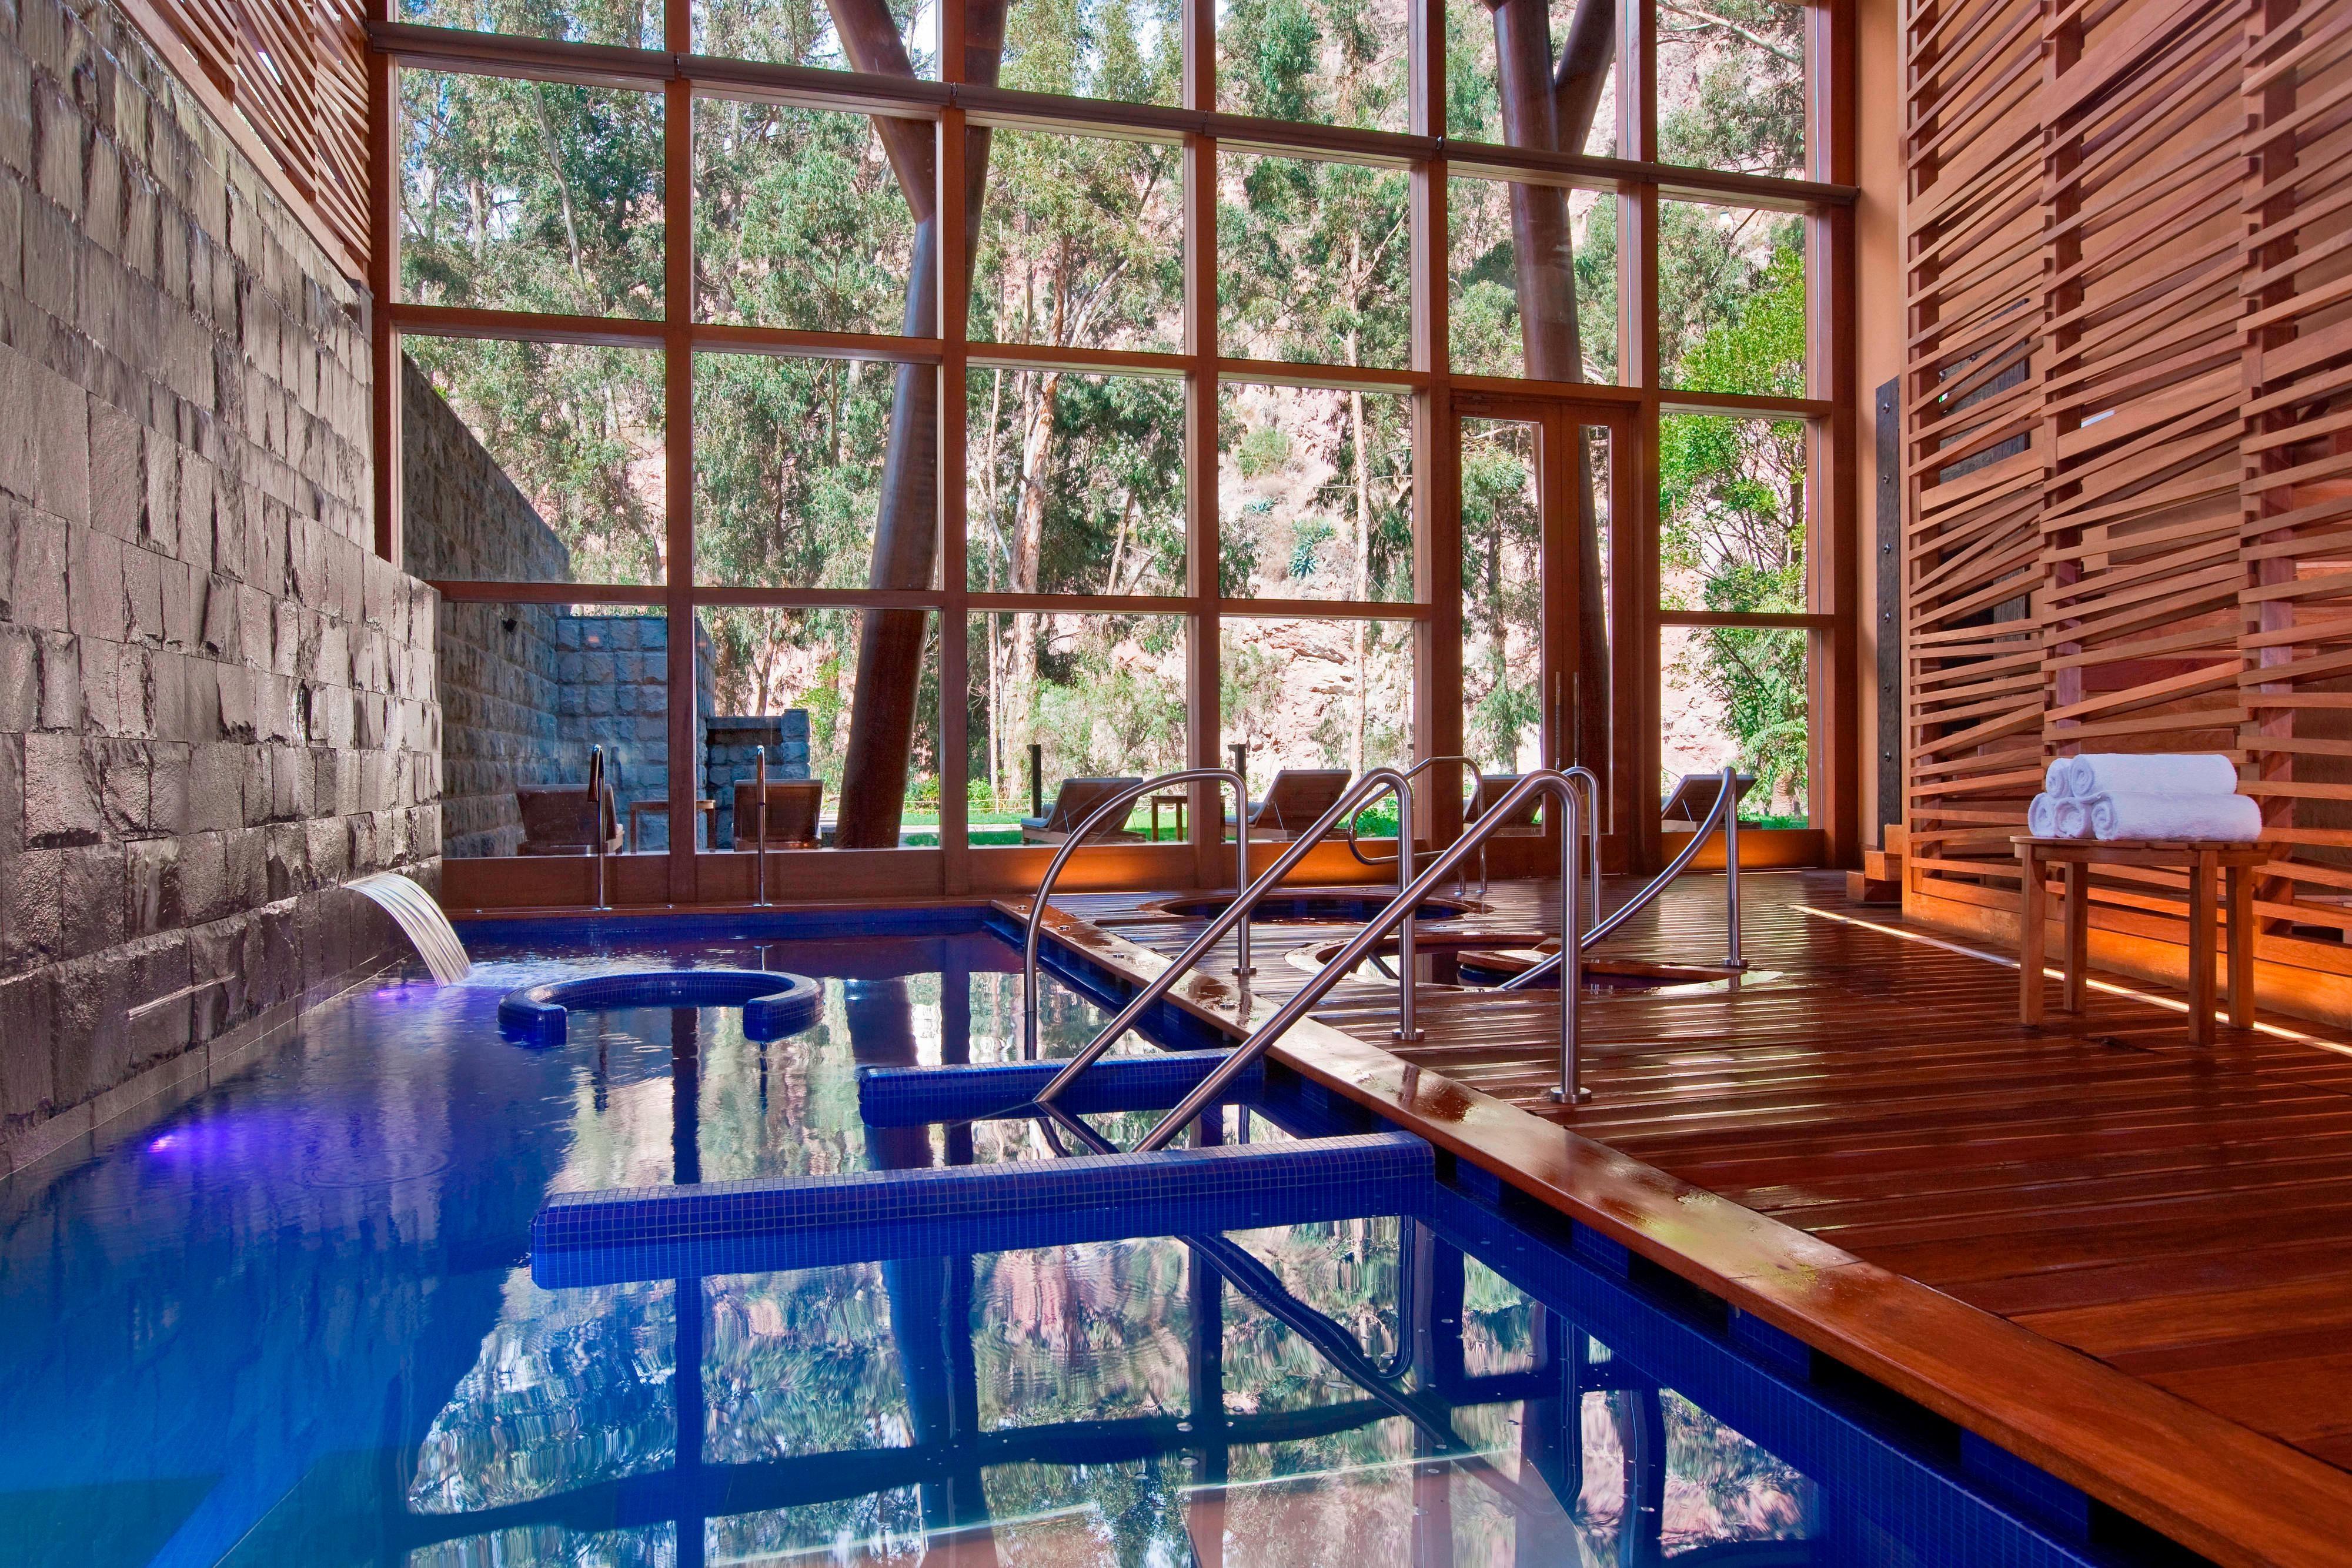 The Spa at Tambo del Inka - water circuit